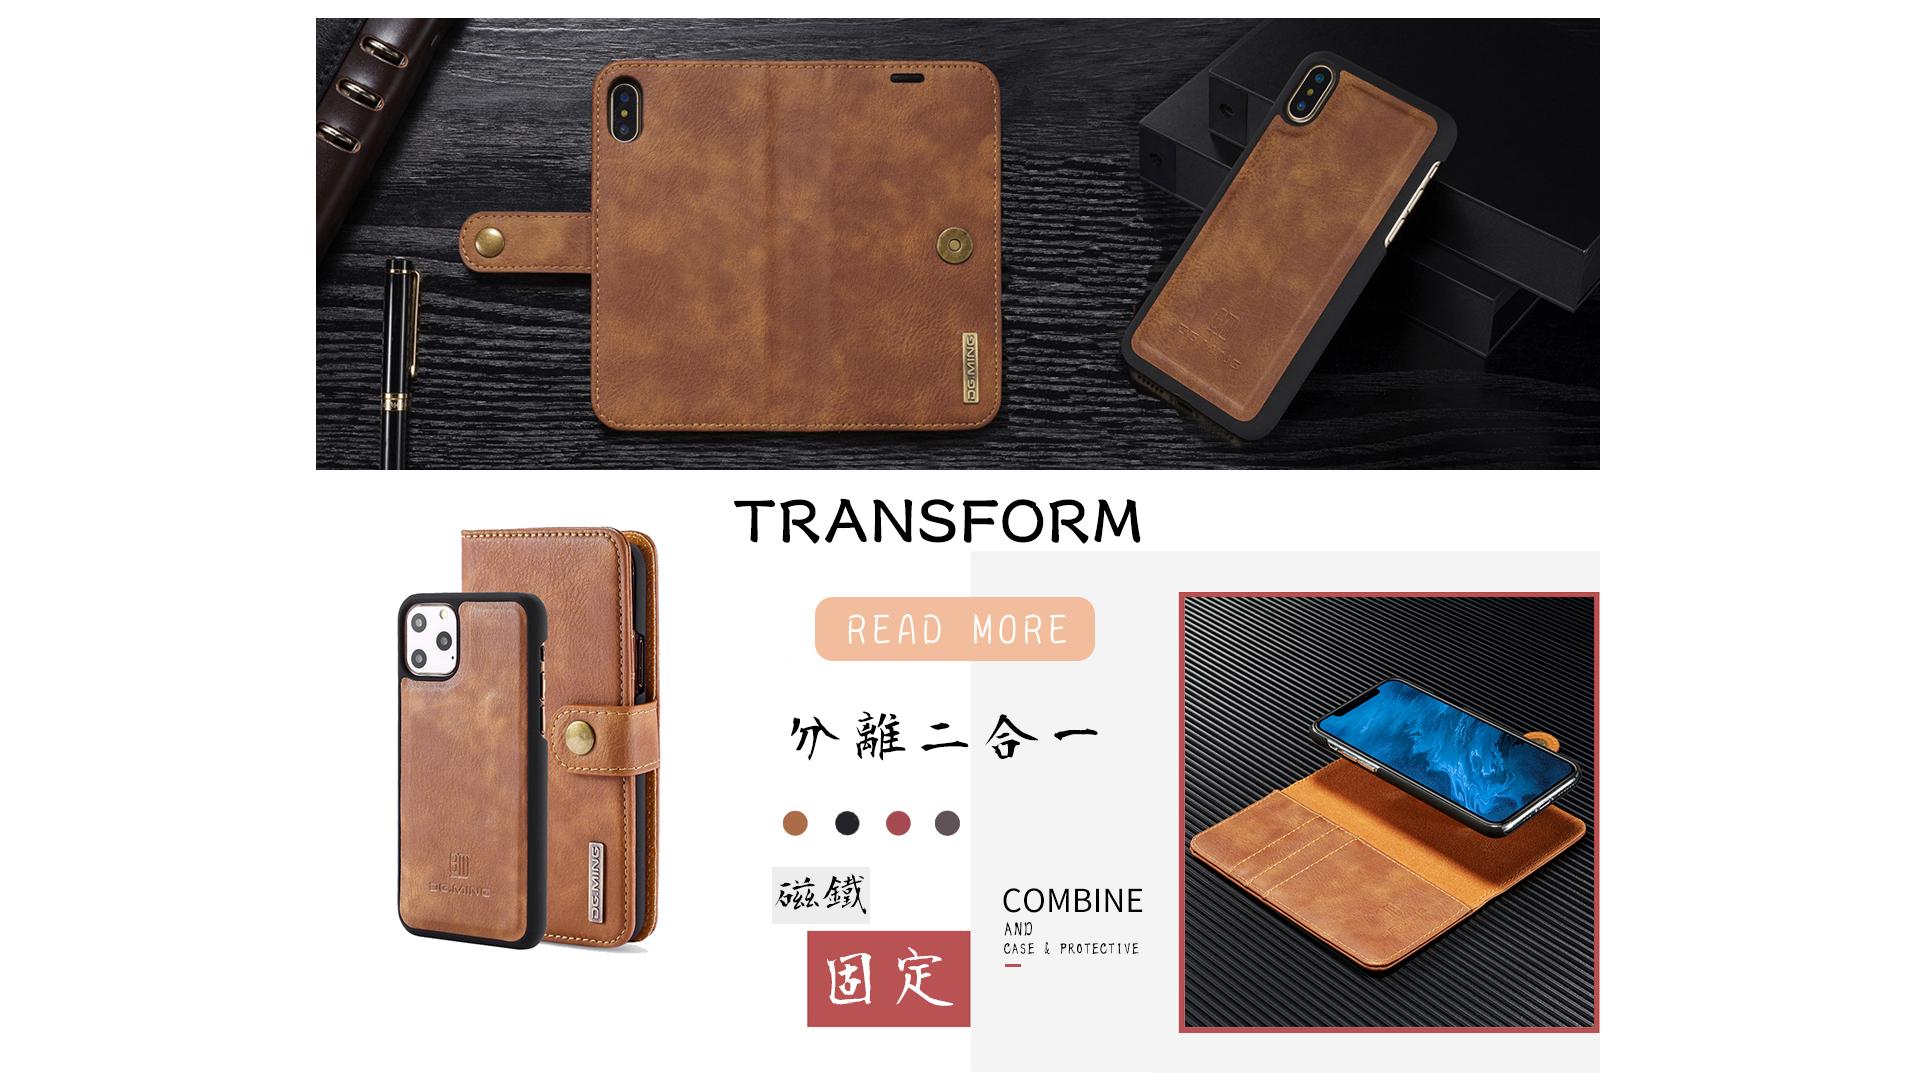 皮革保護套(TRANSFORM) - 分離二合一手機殼皮套